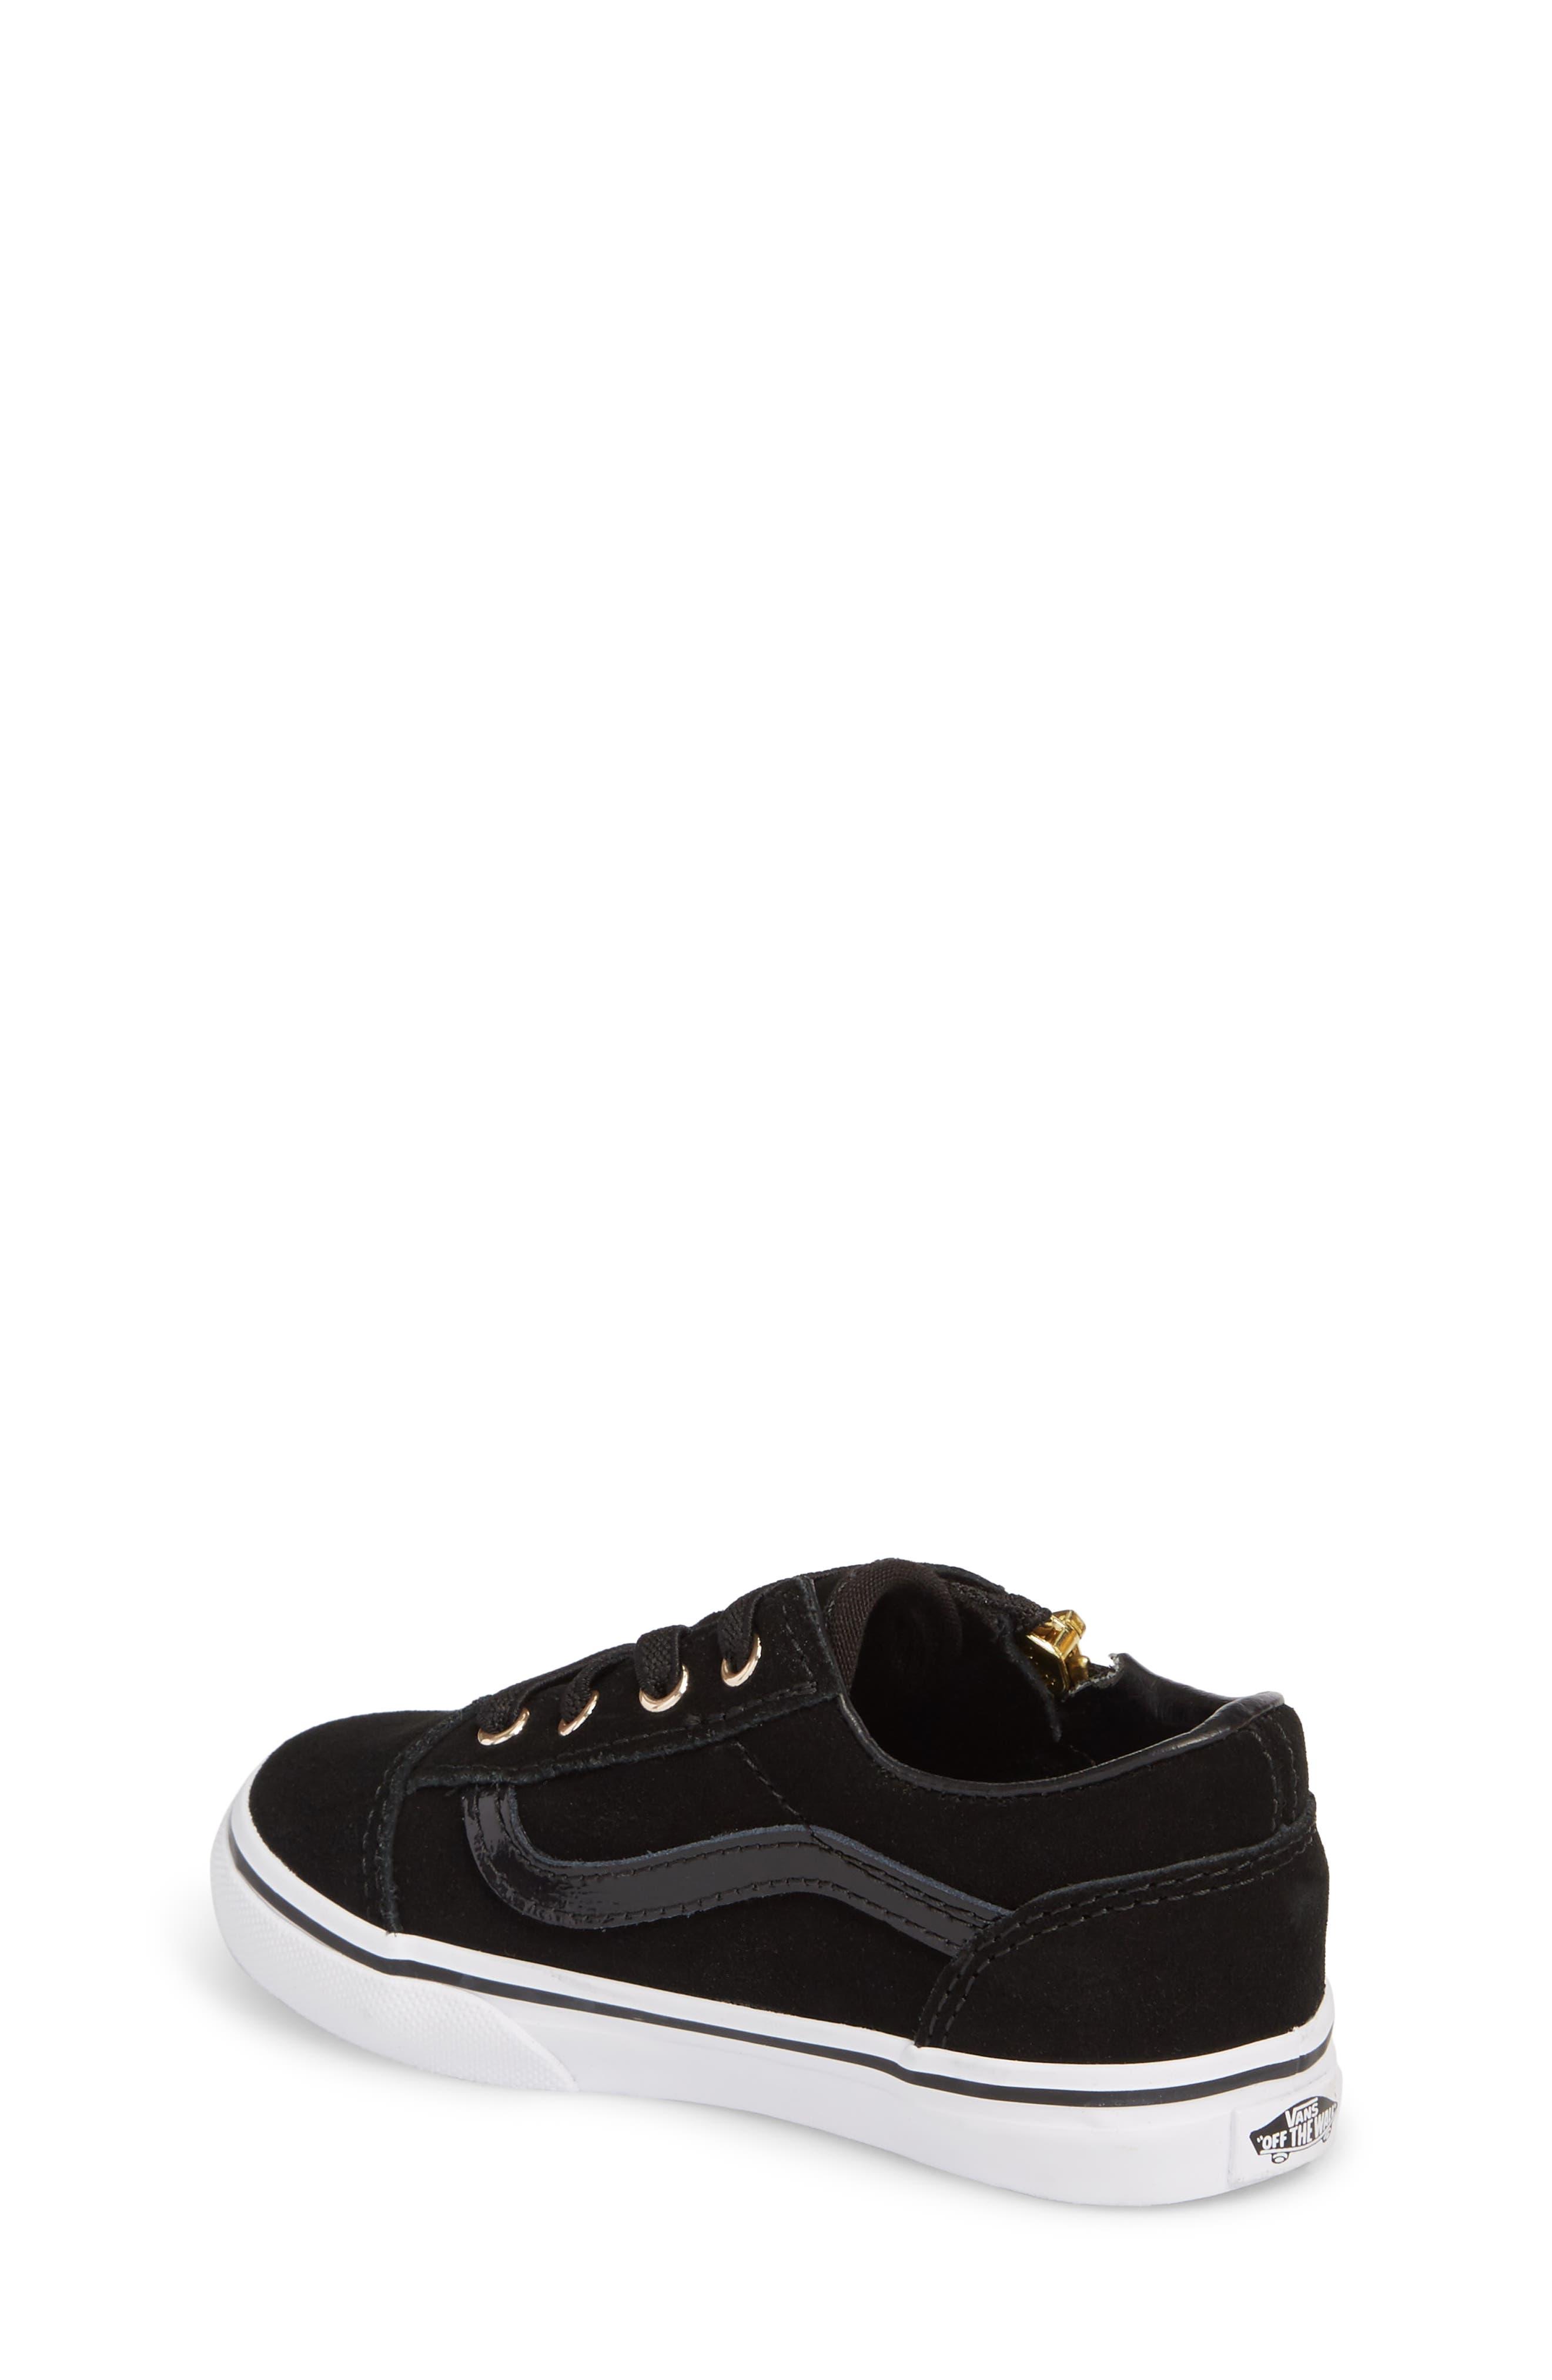 Alternate Image 2  - Vans Old Skool Zip Sneaker (Baby, Walker & Toddler)